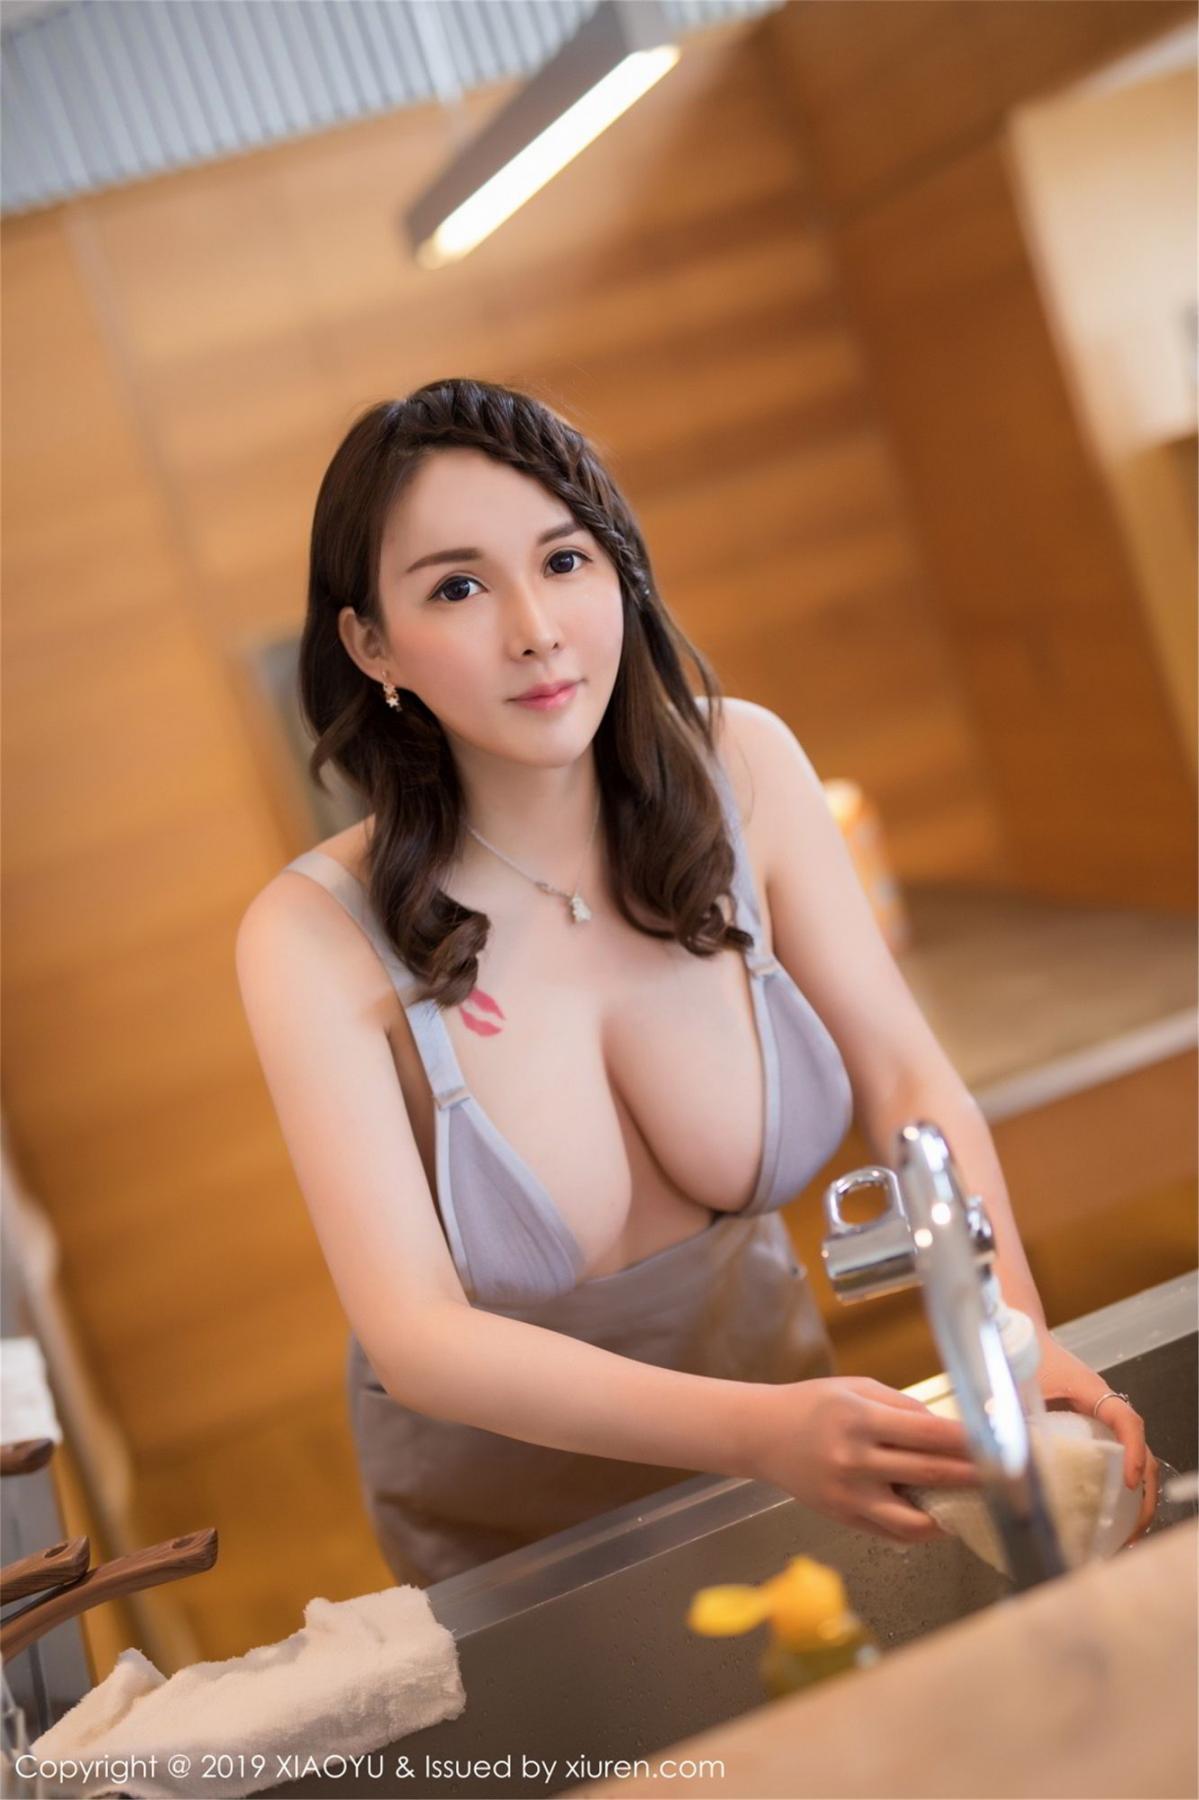 [XiaoYu] Vol.080 Shen Mi Tao 22P, Shen Mi Tao, XiaoYu